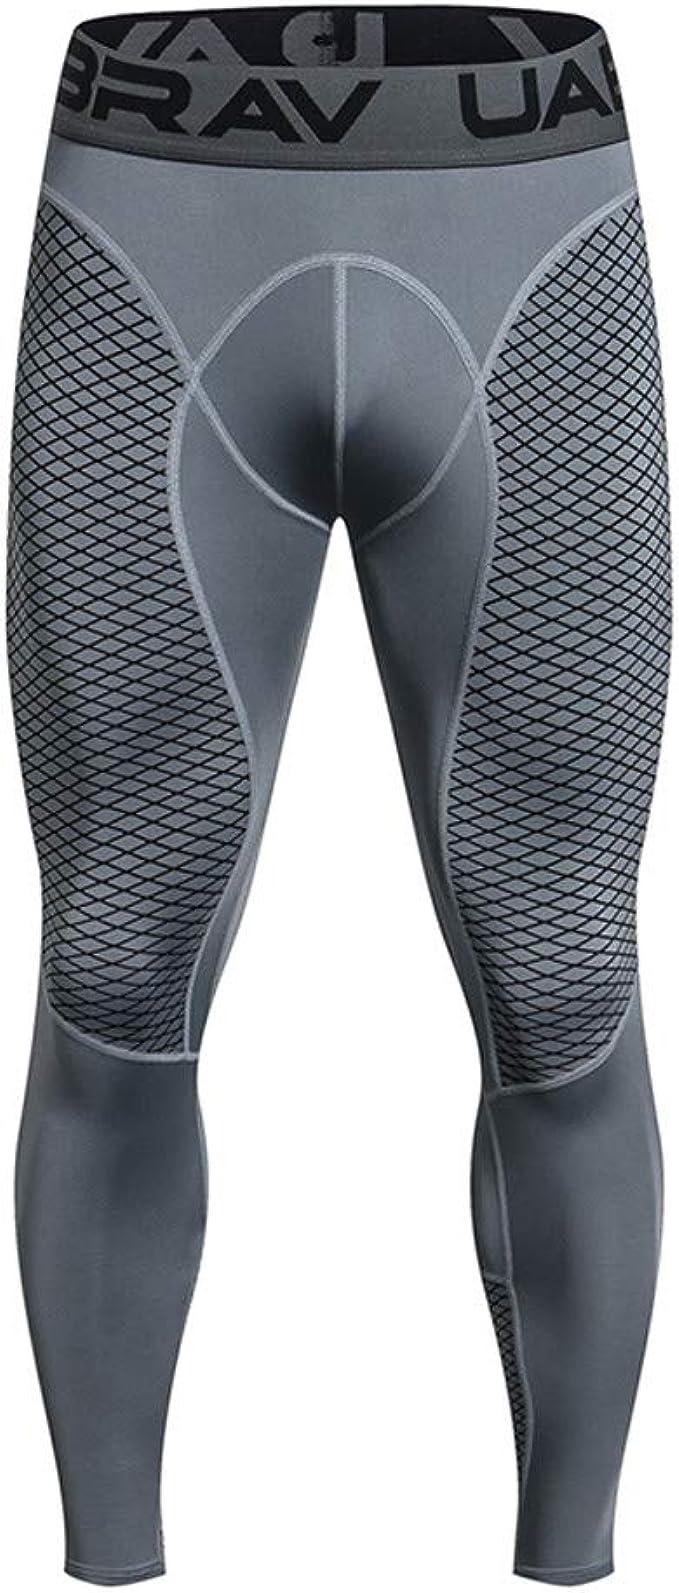 Pantalones de Fitness de los Hombres Compresión Mallas Hombre Secado Rápido Transpirable Hombre Deporte Pantalones Entrenamiento Fitness Pantalones de ...